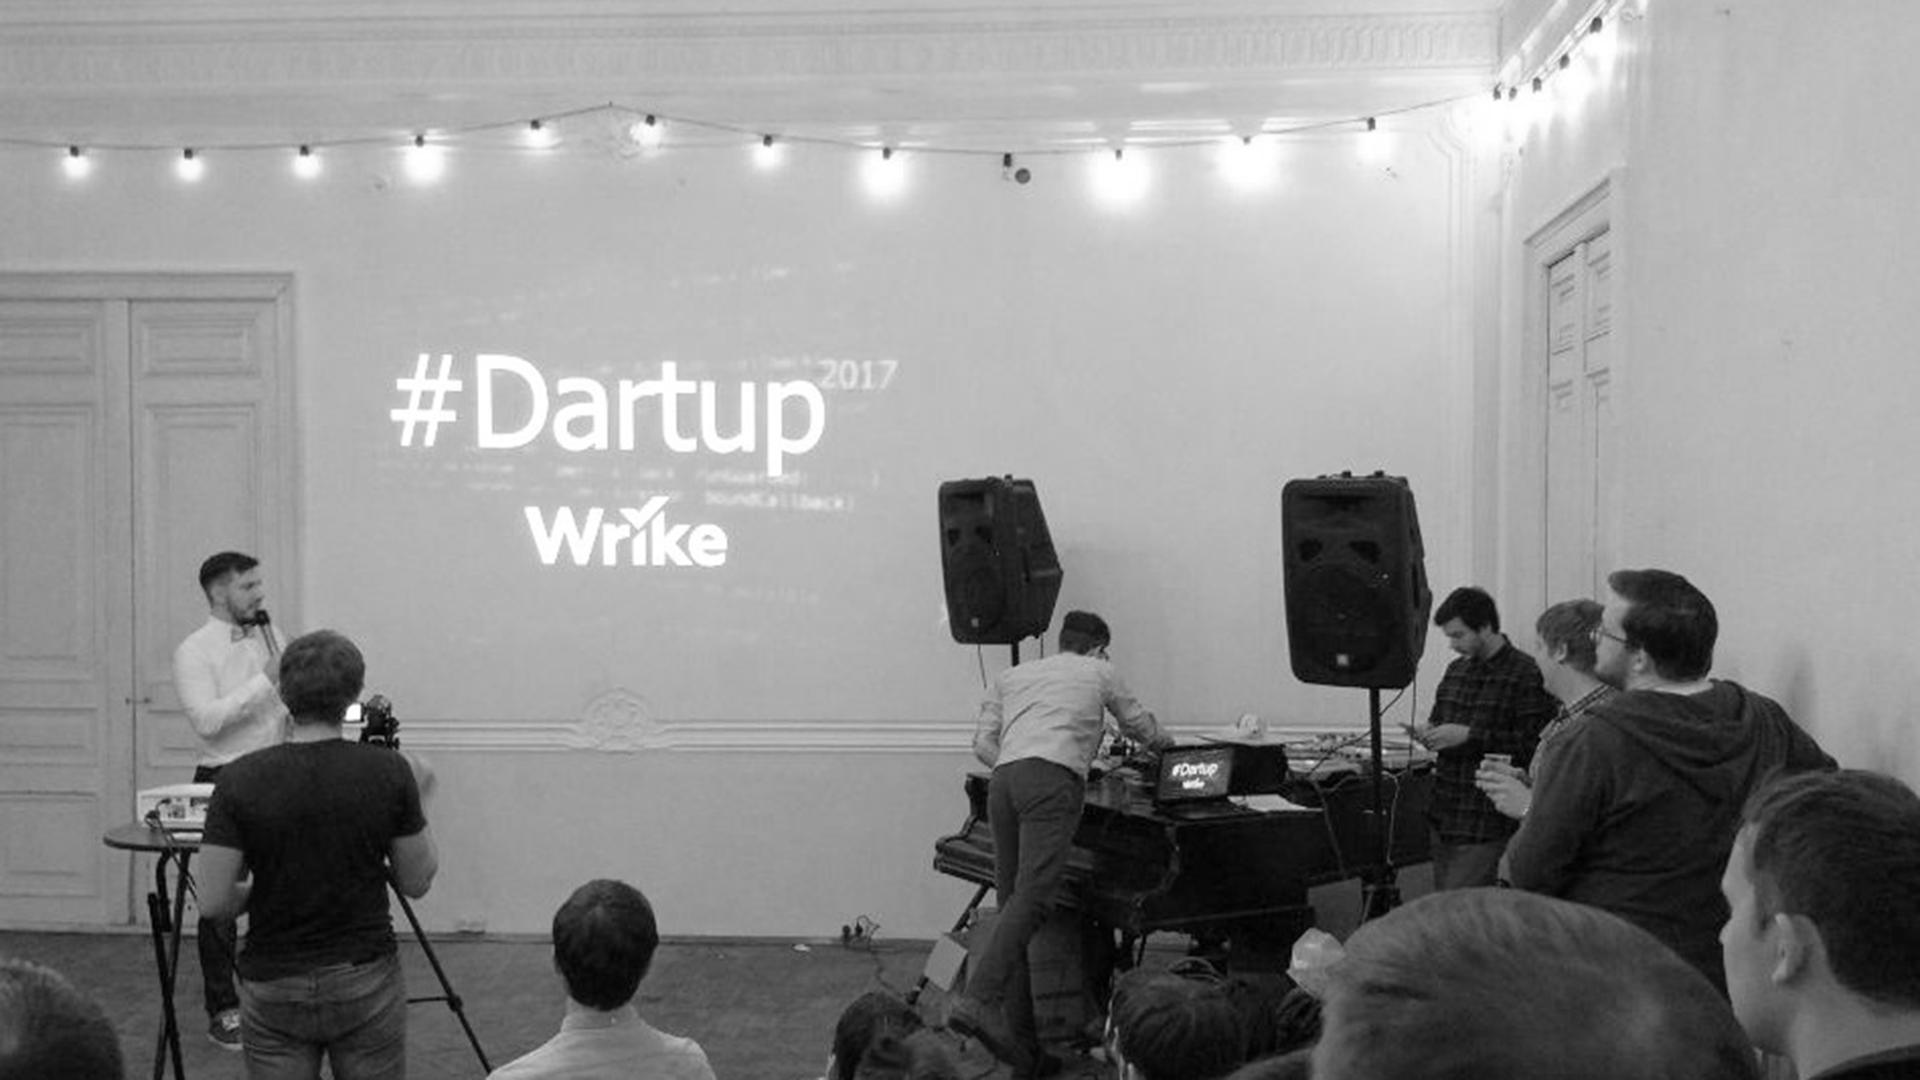 Хотеть странного: обзор предстоящей конференции DartUP в Питере - 1